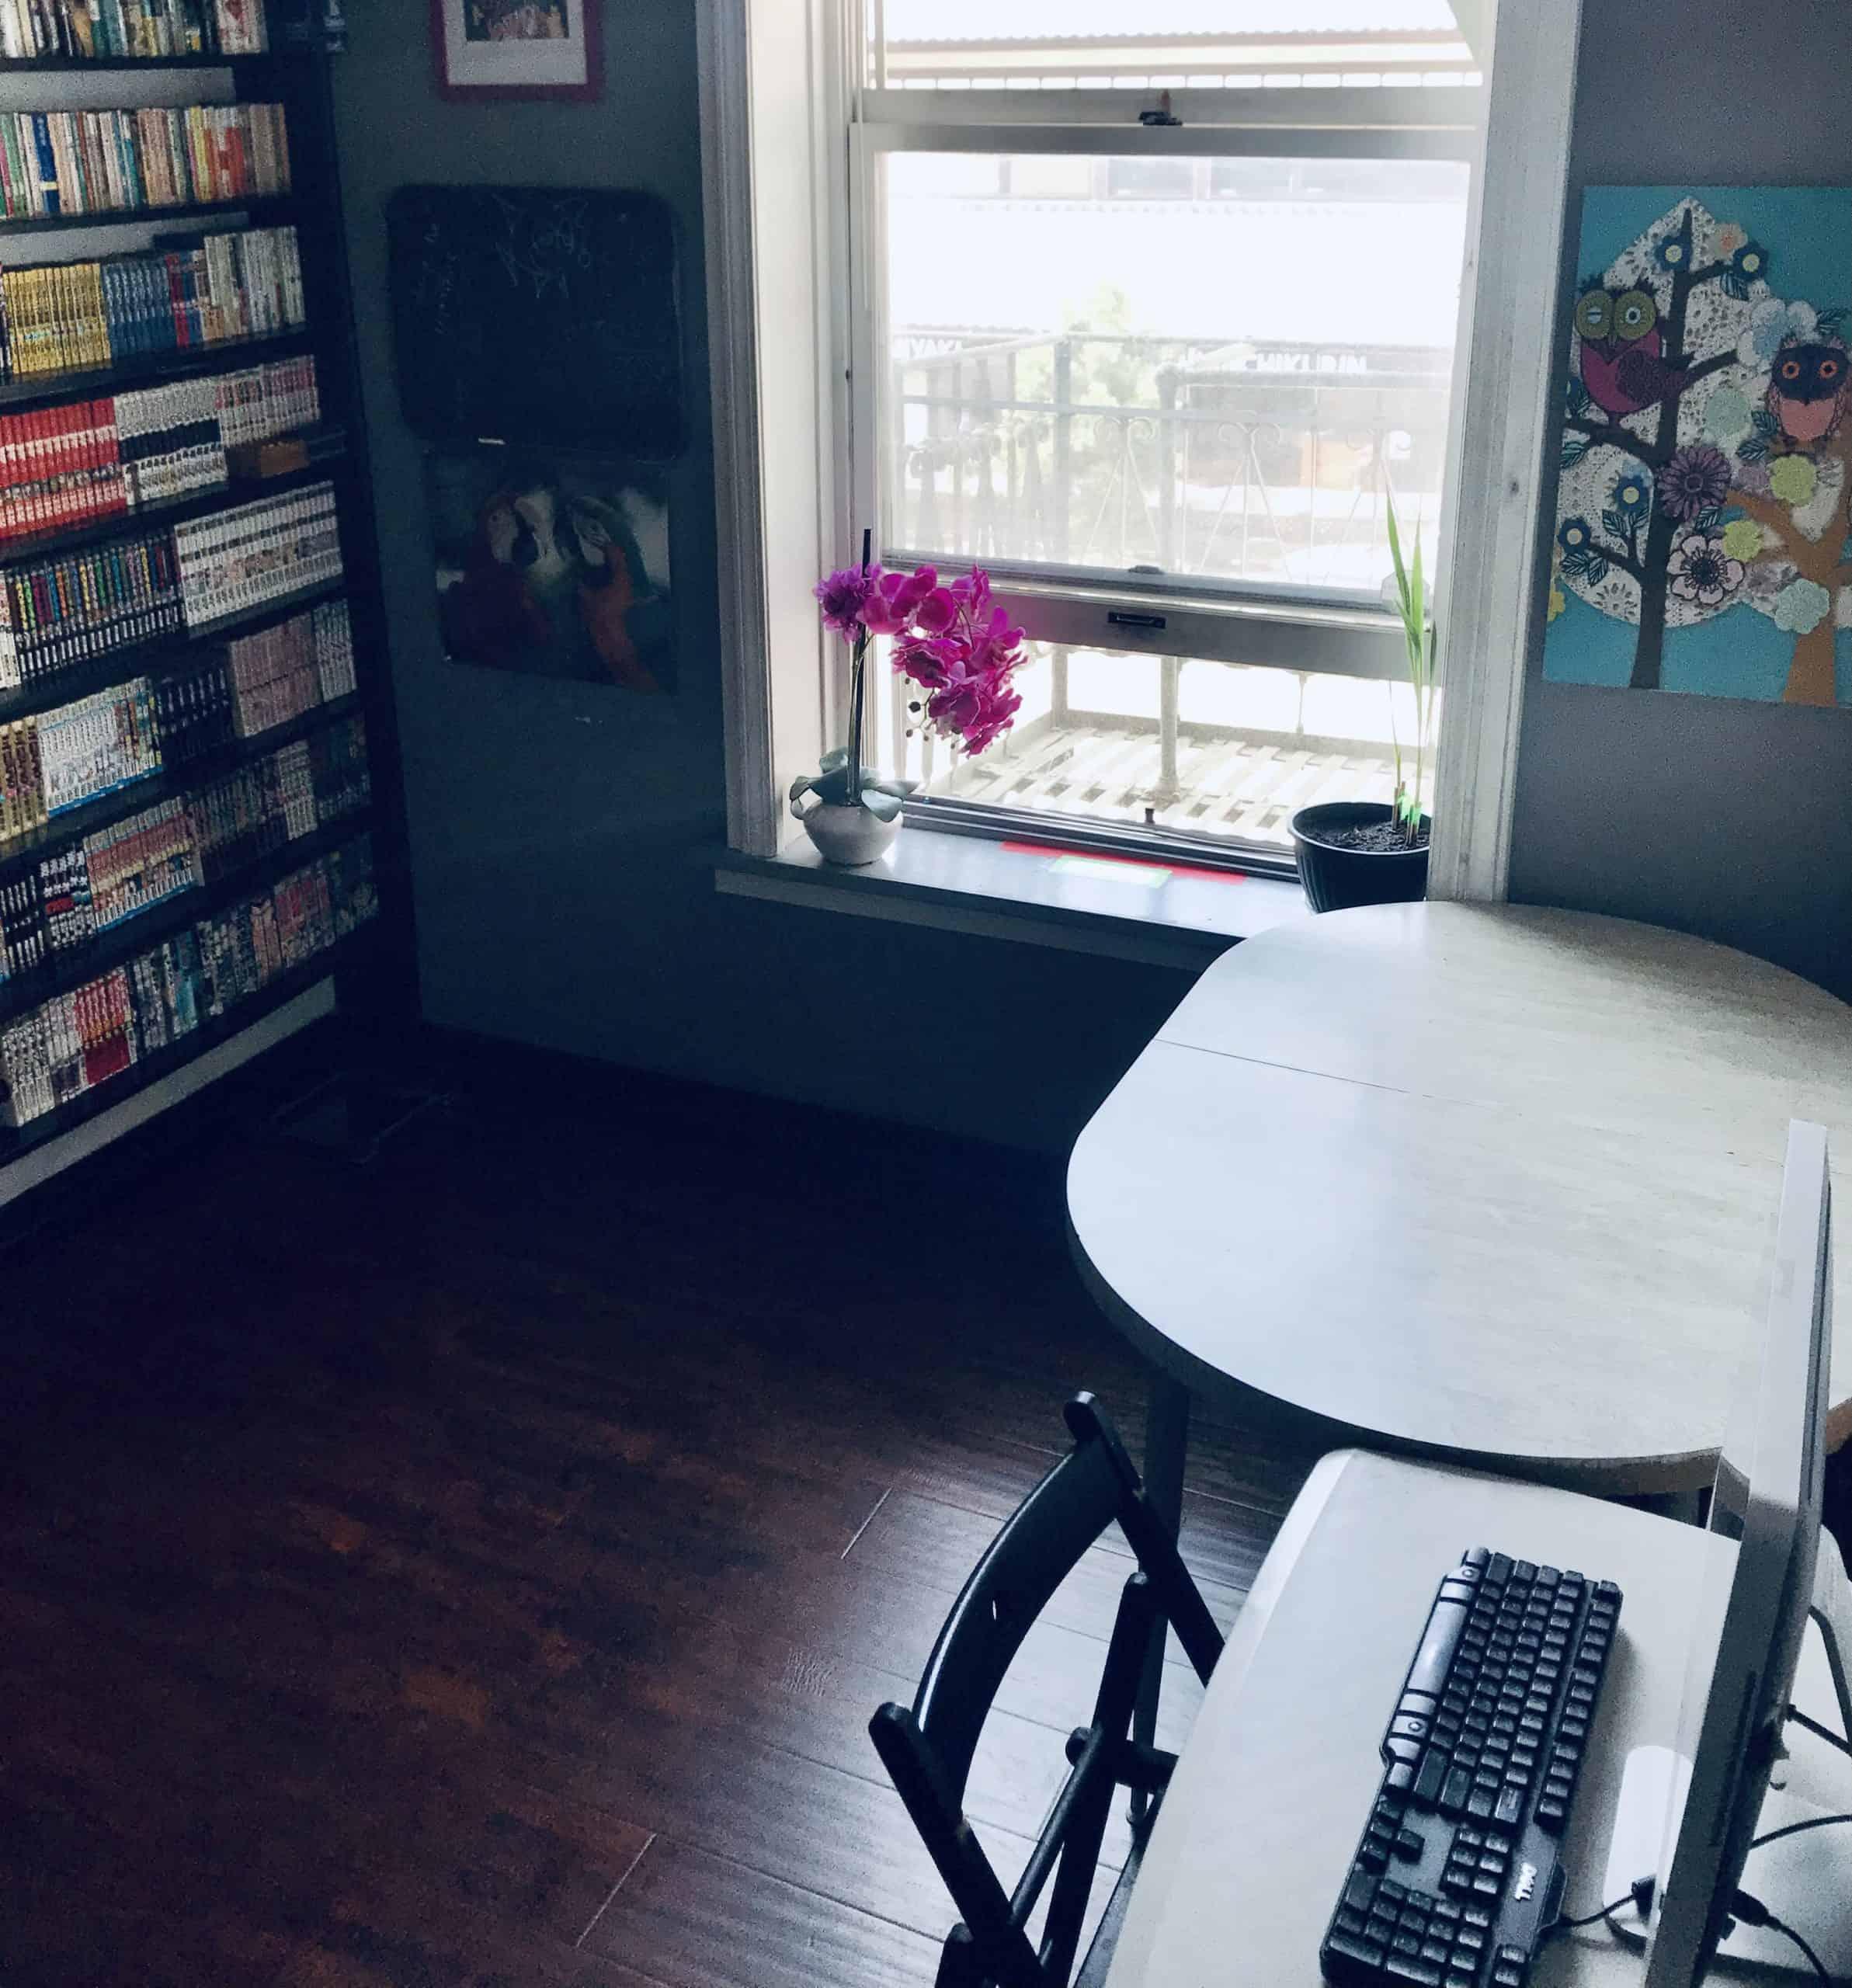 Daimaru library